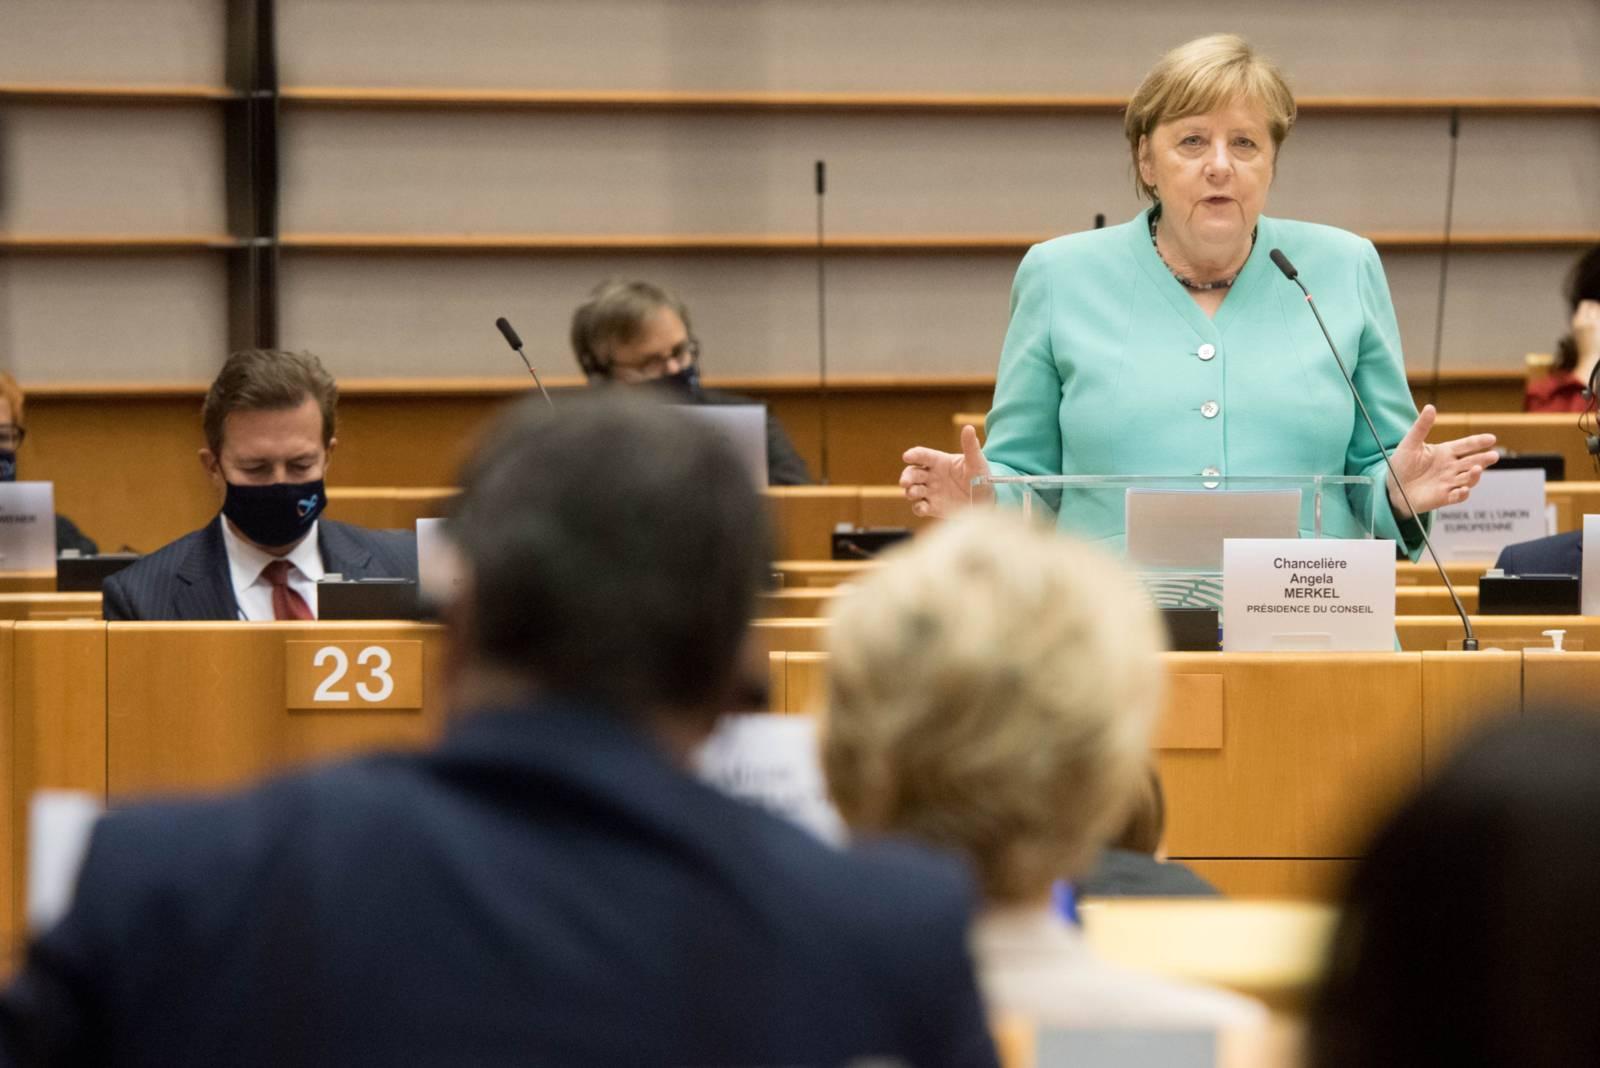 Ursula von der Leyen, (from behind), and Angela Merkel